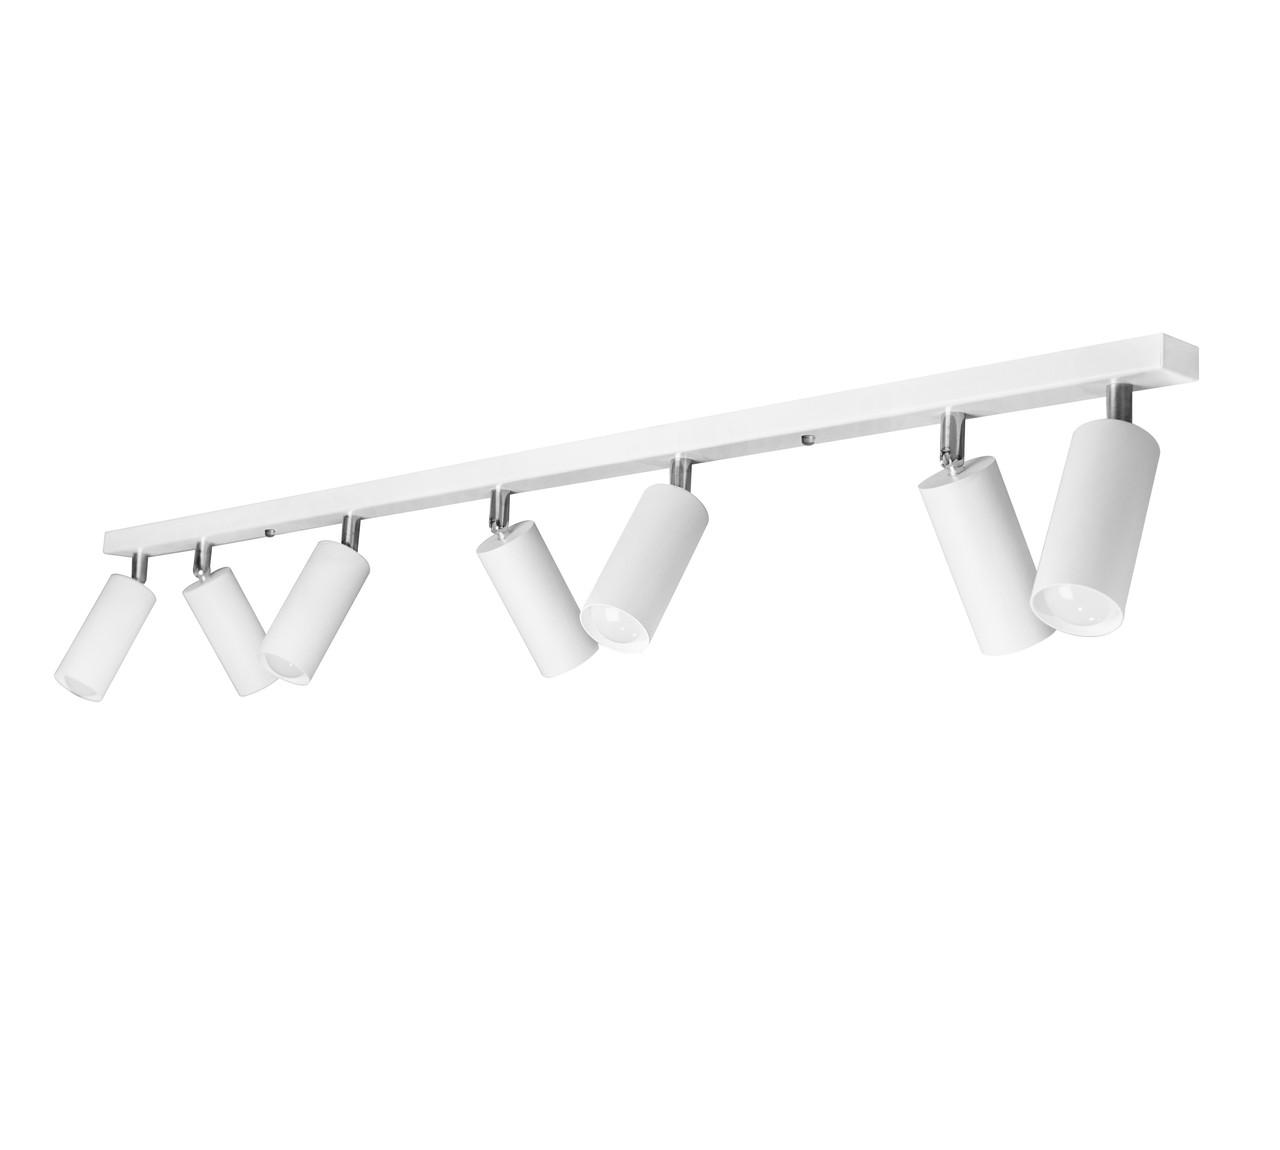 Светильники ЛОФТ - Люстра лофт с поворотным механизмом белая 000002675 - Фото 1